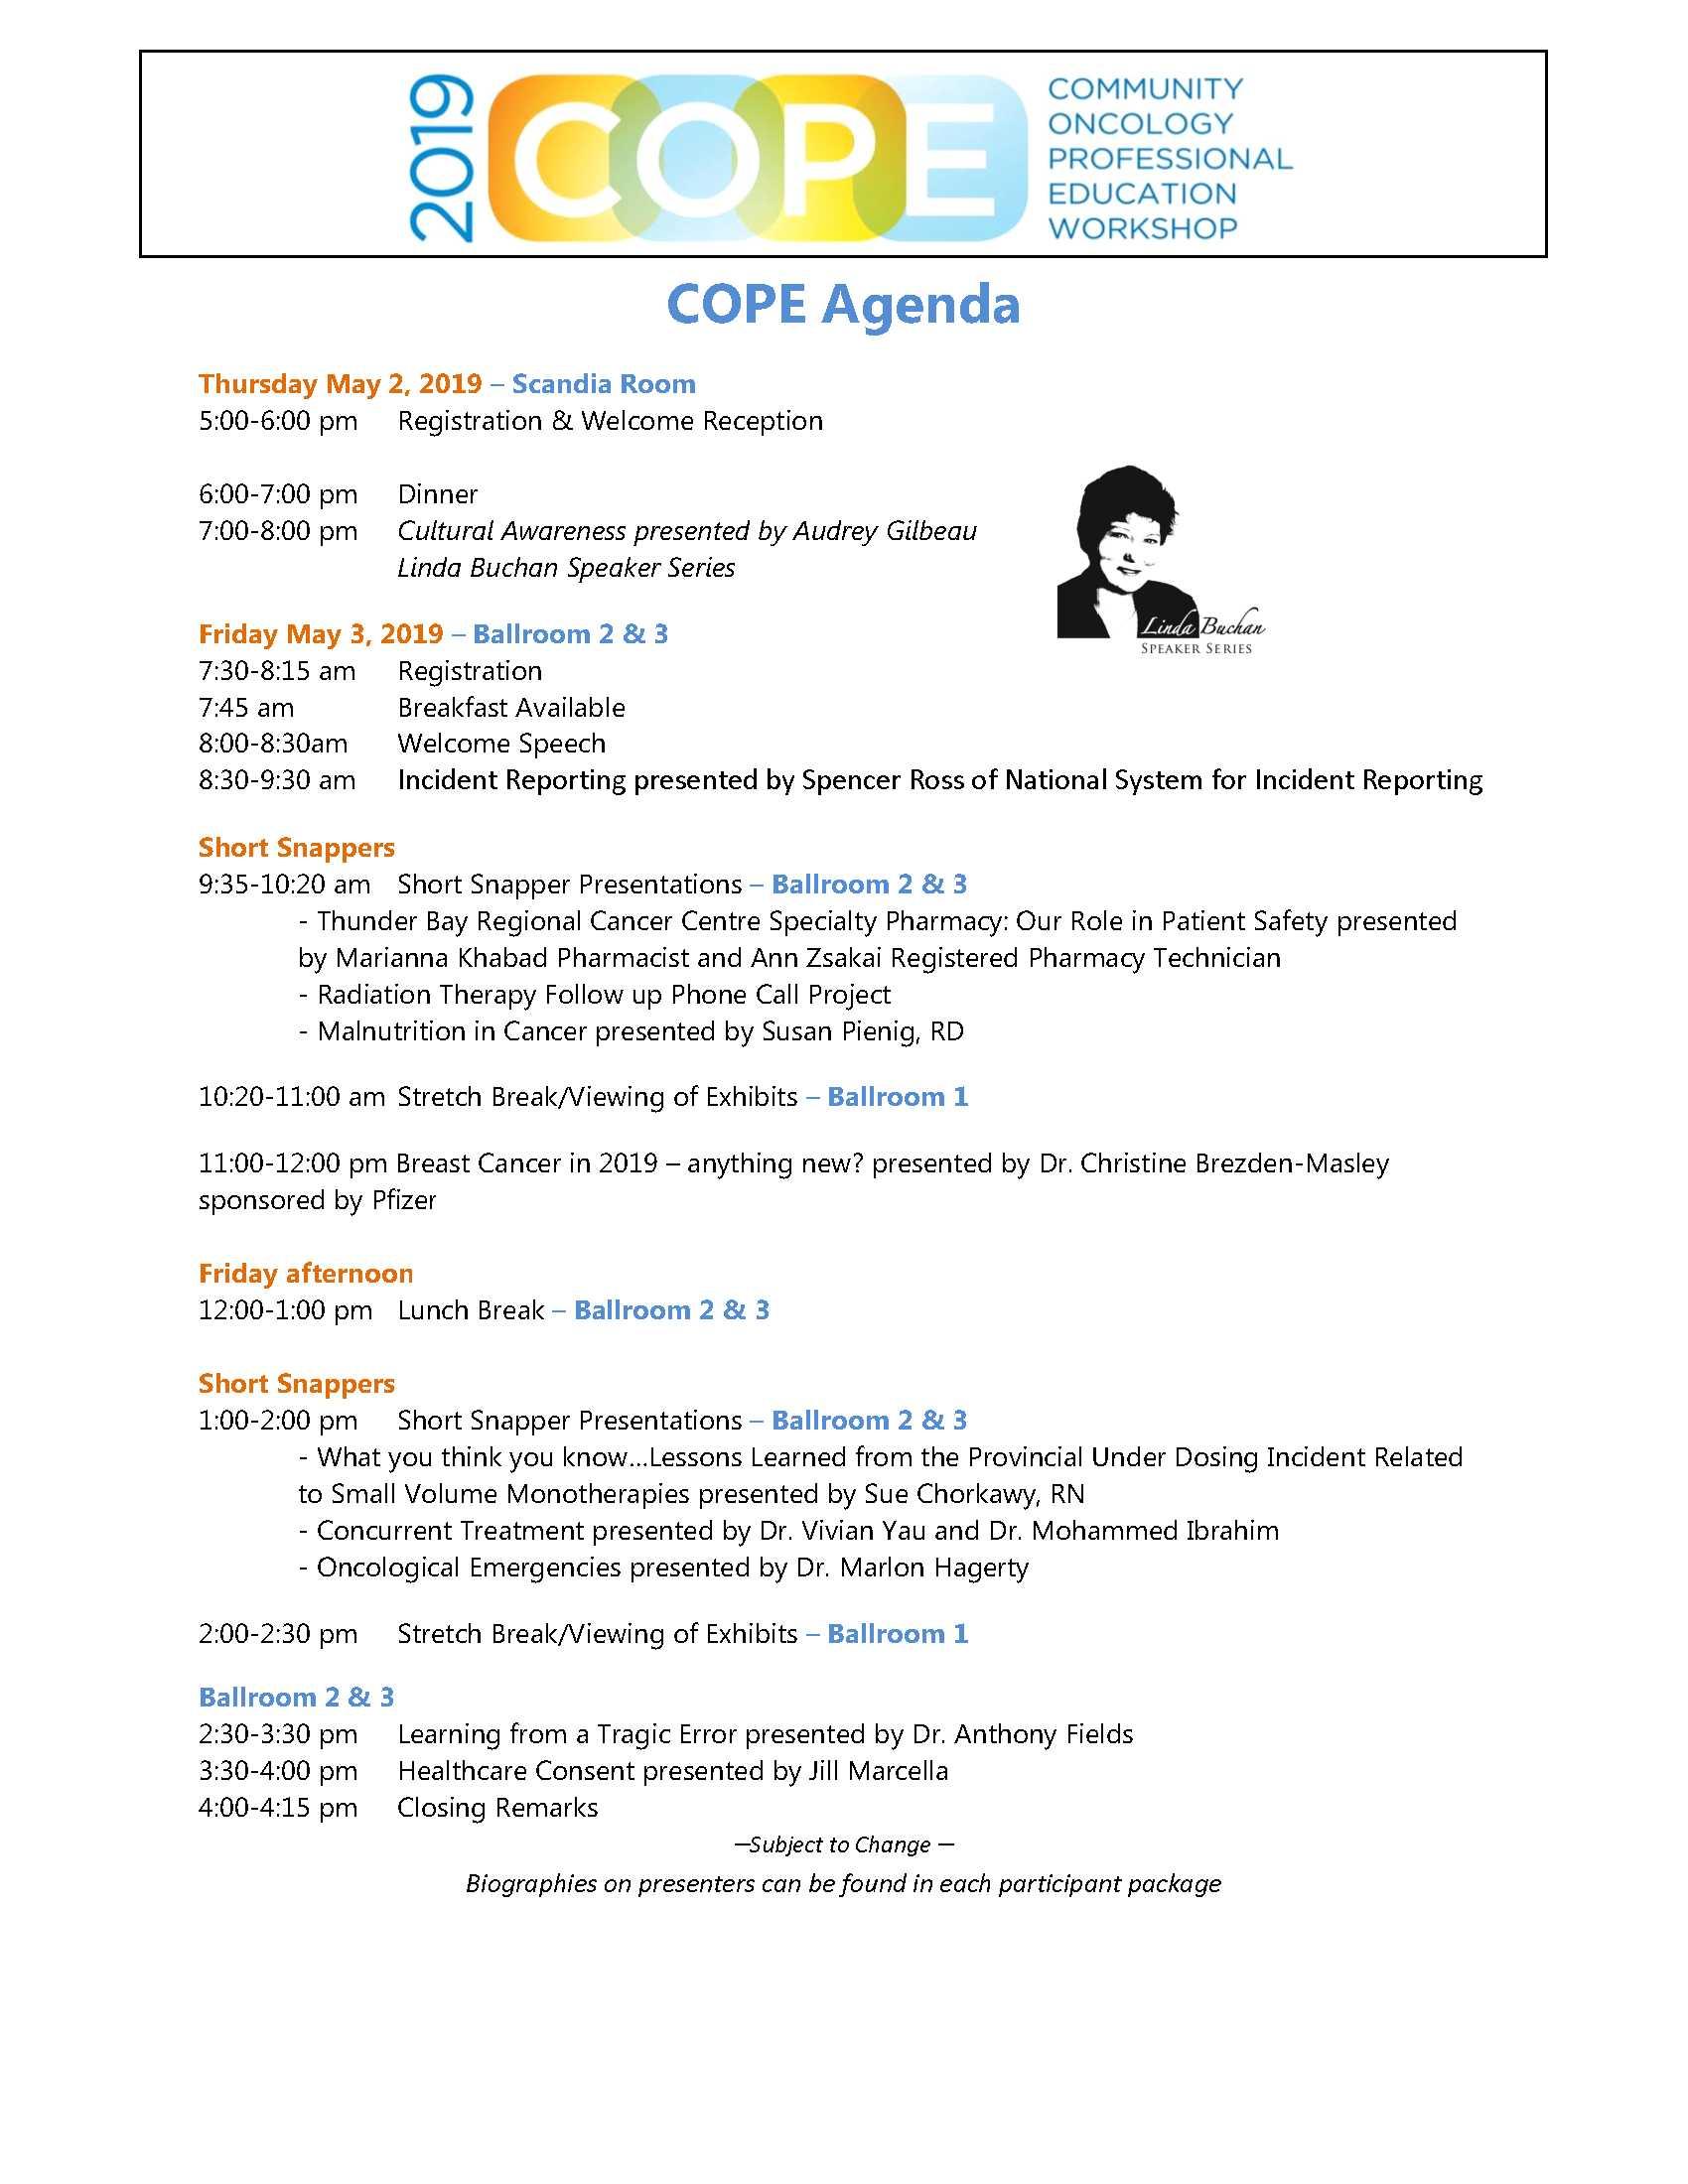 COPE 2019 Agenda